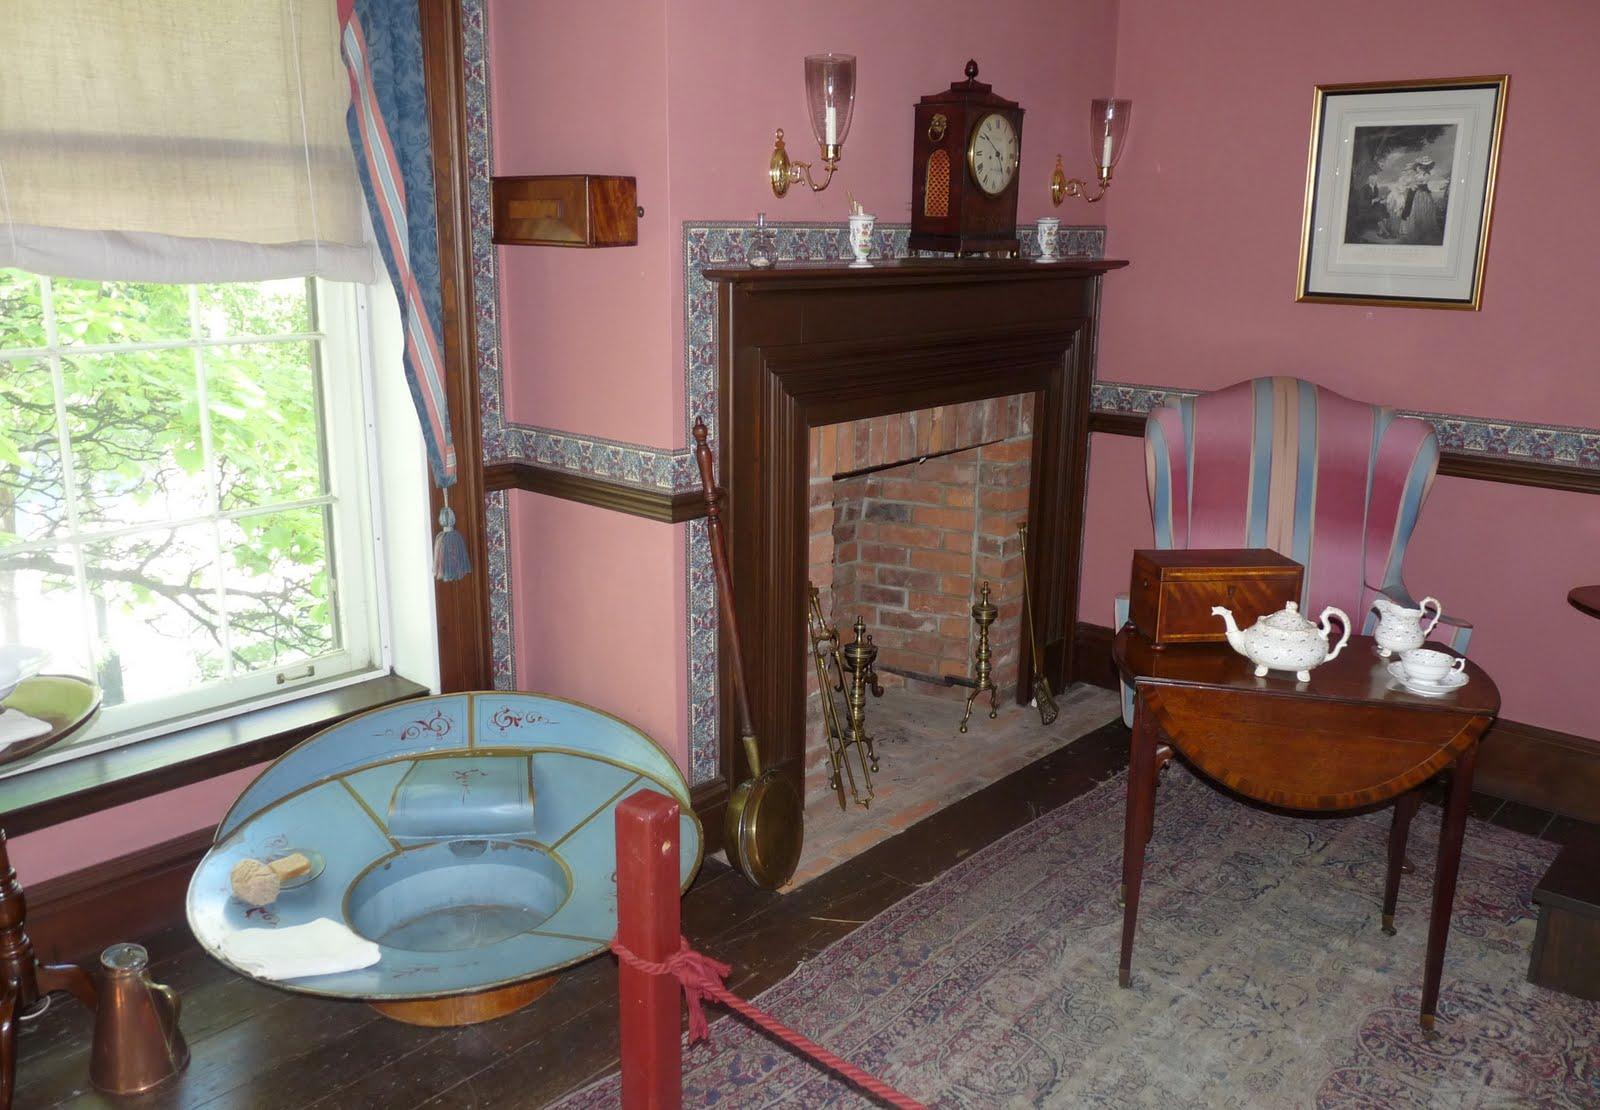 http://3.bp.blogspot.com/_5T6I48gU54Q/TALW6WApOYI/AAAAAAAAGpY/8Xr9O_TFelk/s1600/Campbell+House+Museum+-+Main+bedroom+%26+bathtub.jpg